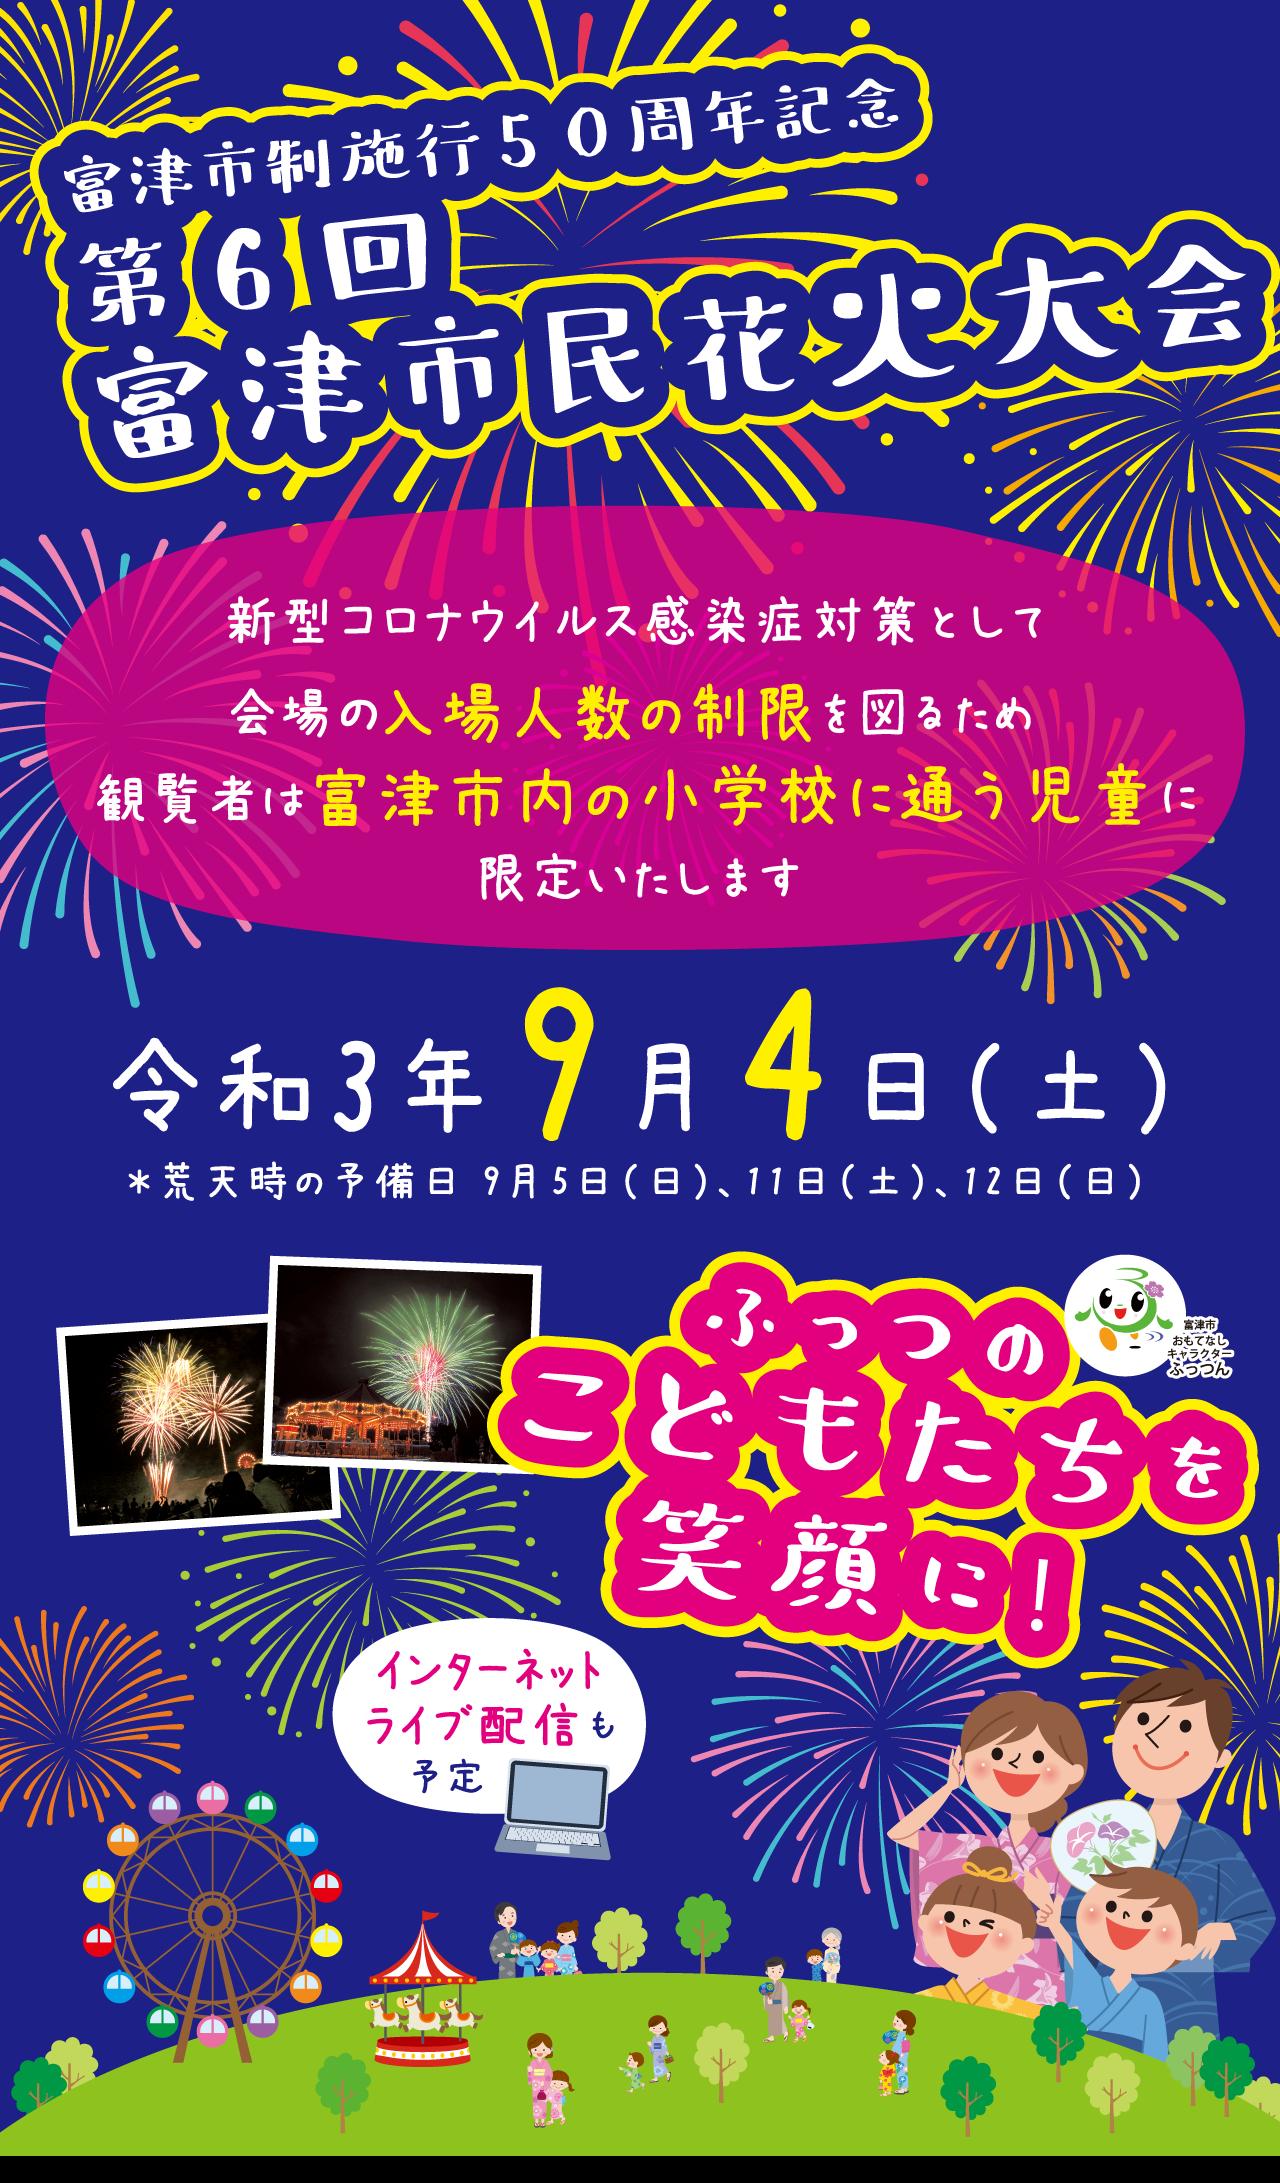 富津市制施行50周年記念 第6回富津市民花火大会